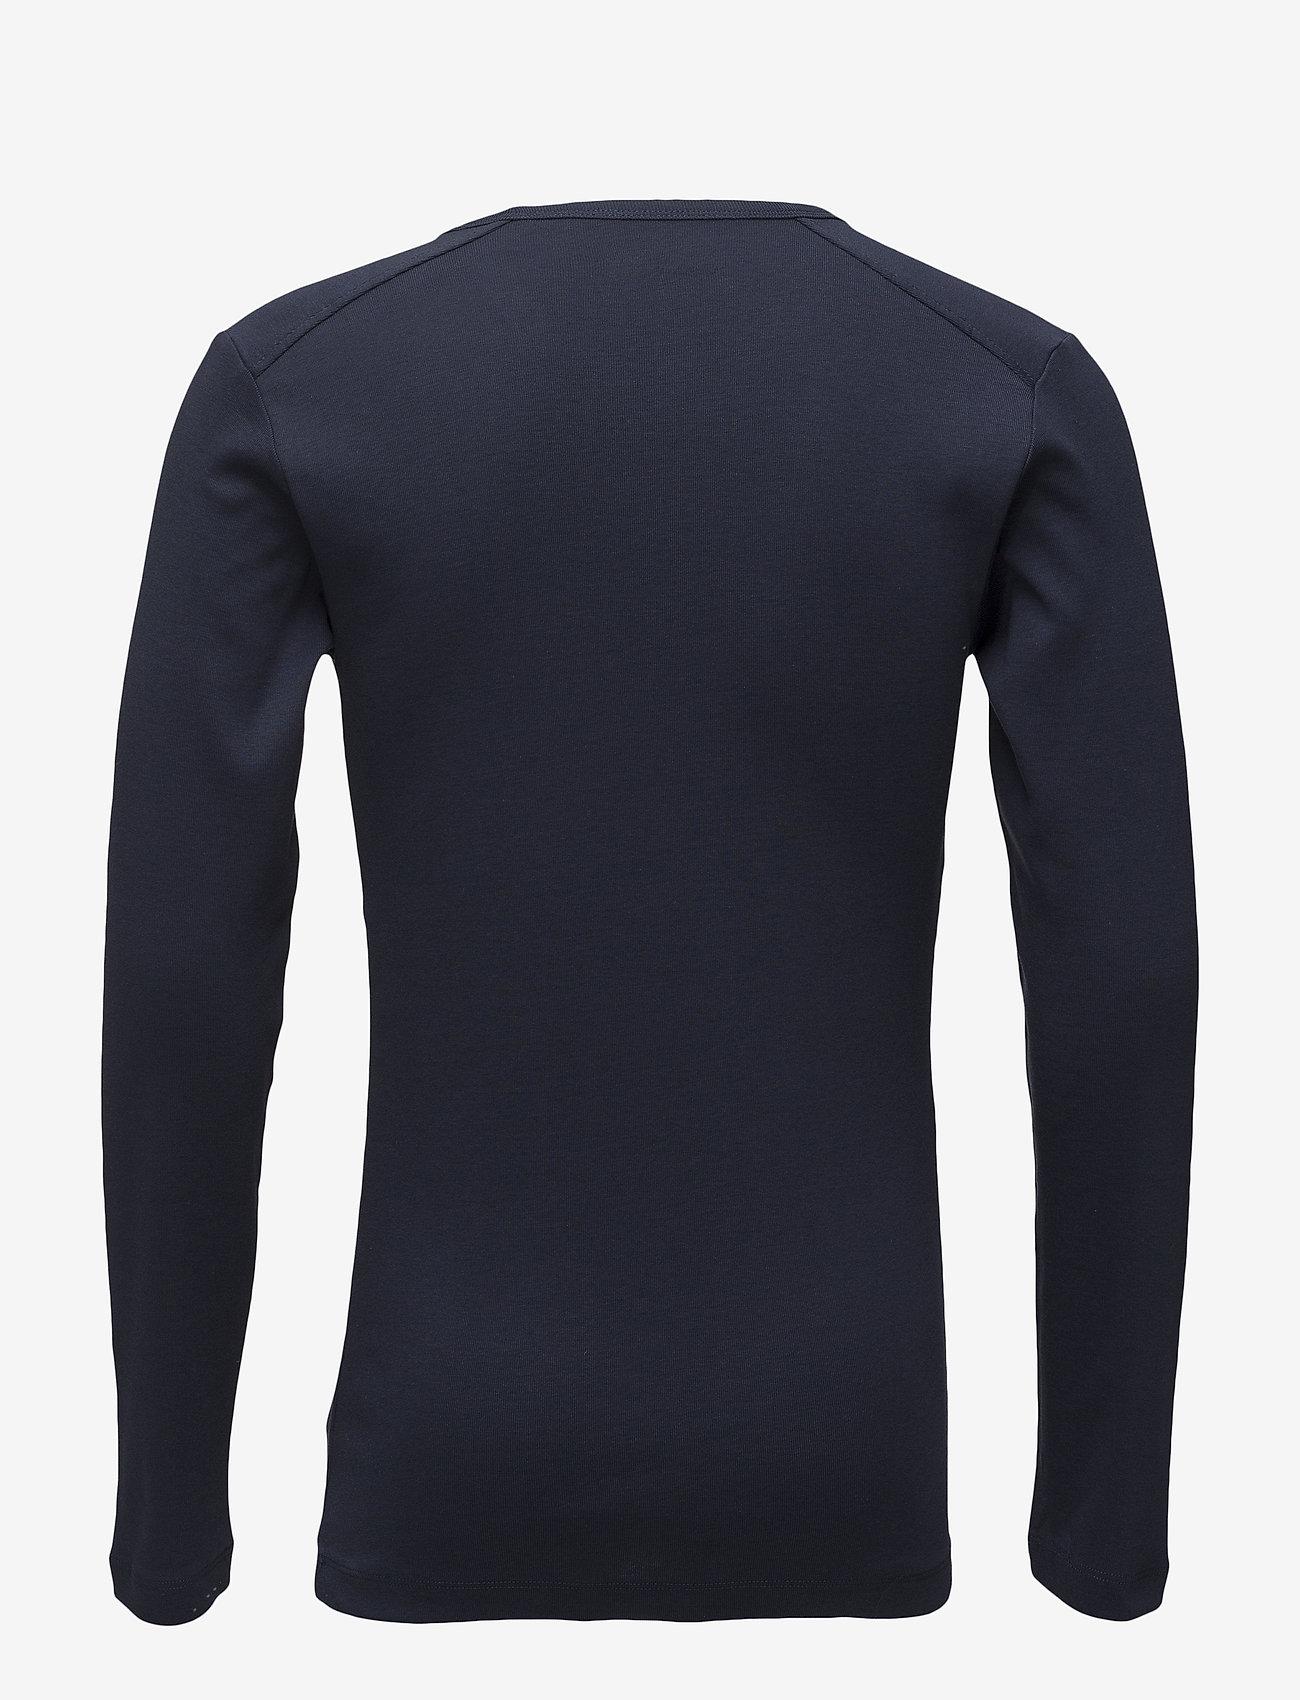 Esprit Casual - T-Shirts - lange mouwen - navy - 1